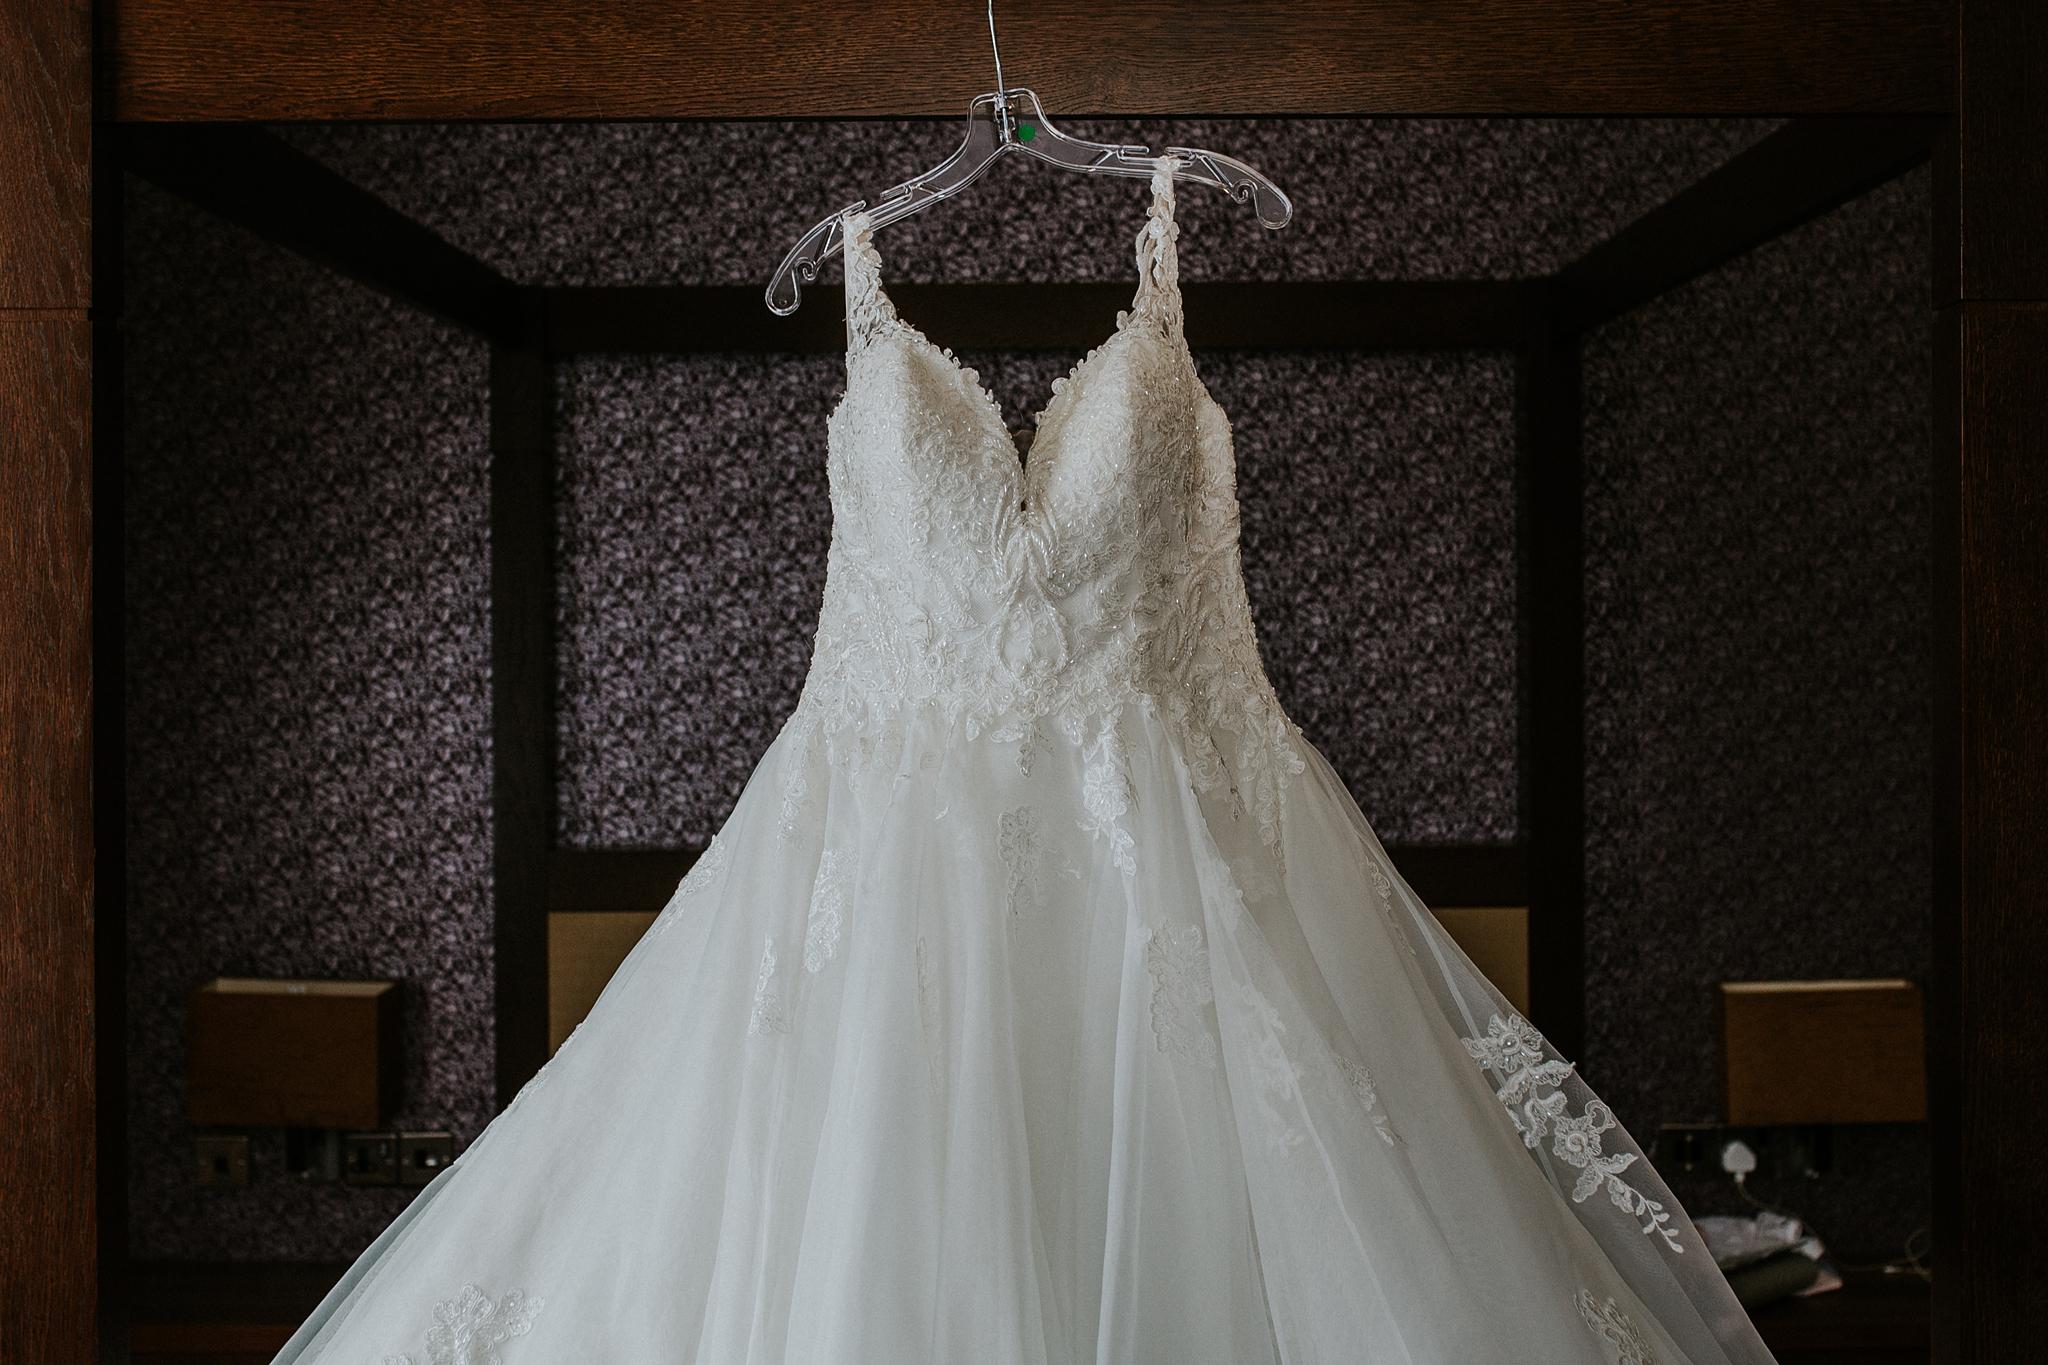 newcastle_upon_tyne_wedding_photographer-6.JPG